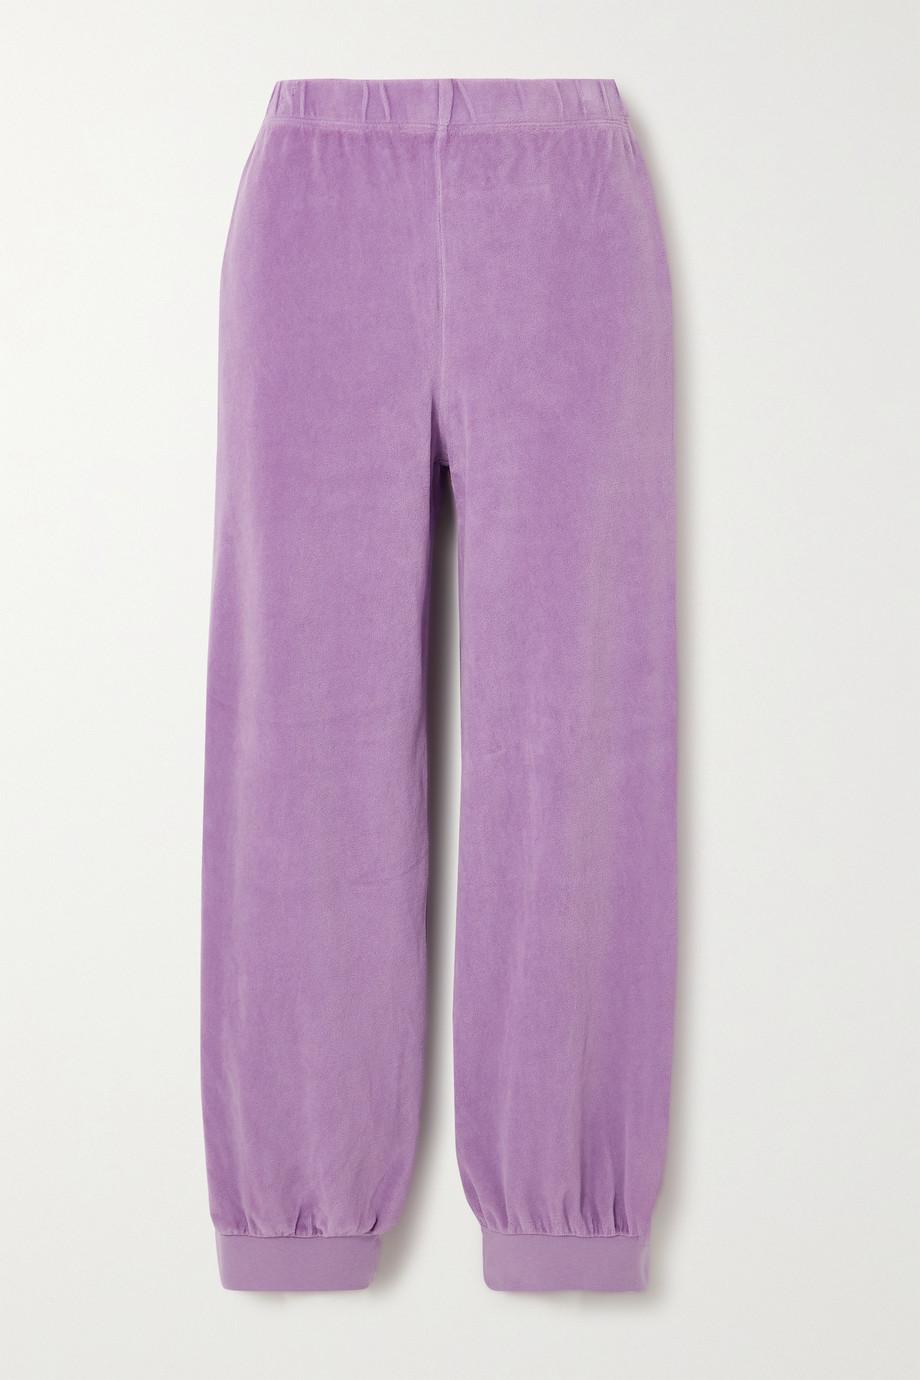 Suzie Kondi Pantalon de survêtement raccourci en velours de coton mélangé